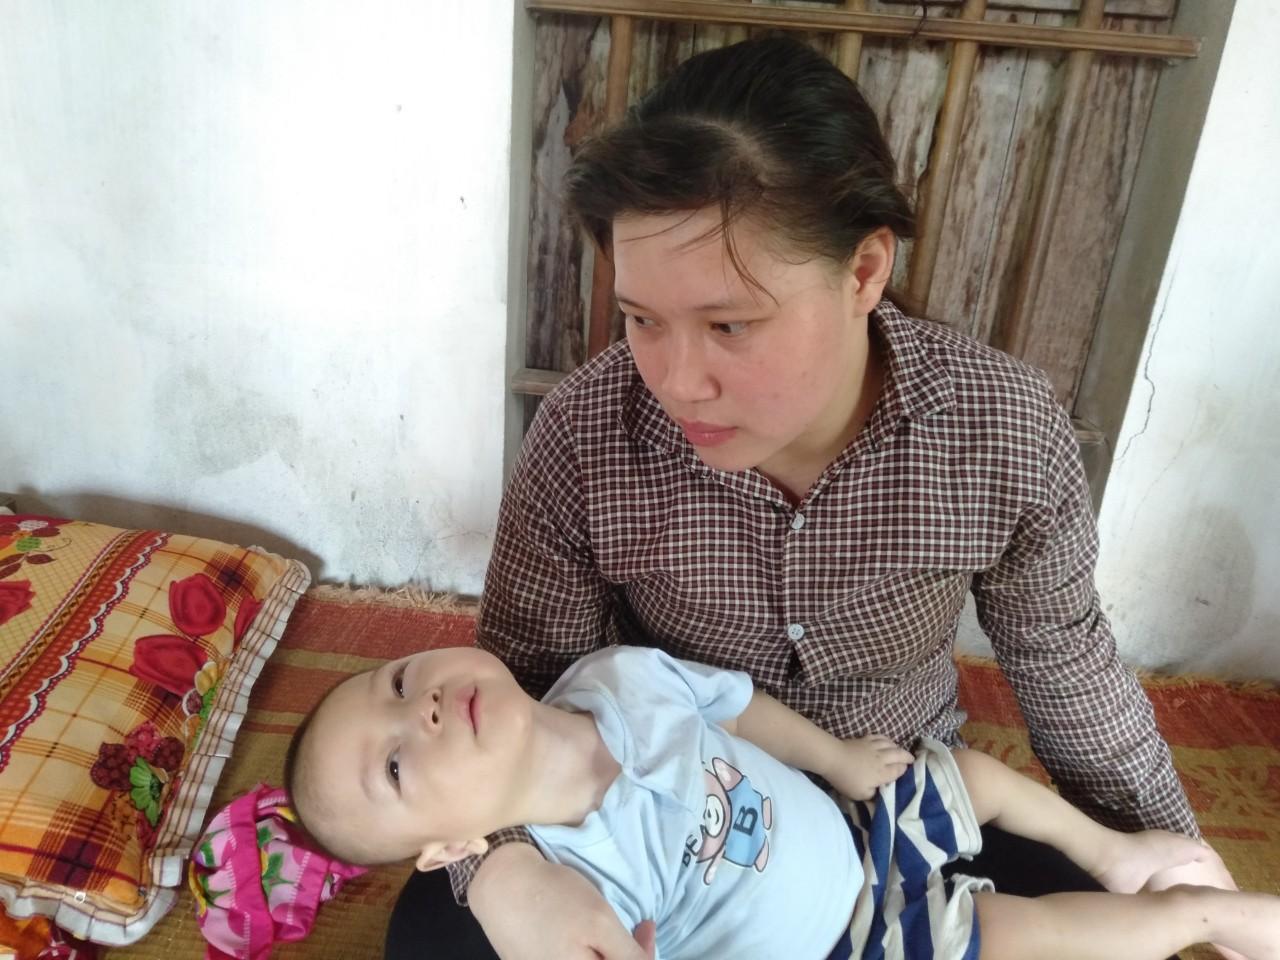 Con trai lớn 5 tuổi mắc bệnh tim, đứa bé 1 tuổi liệt tứ chi, người mẹ nuốt nước mắt cầu xin một cơ hội để cứu con-5